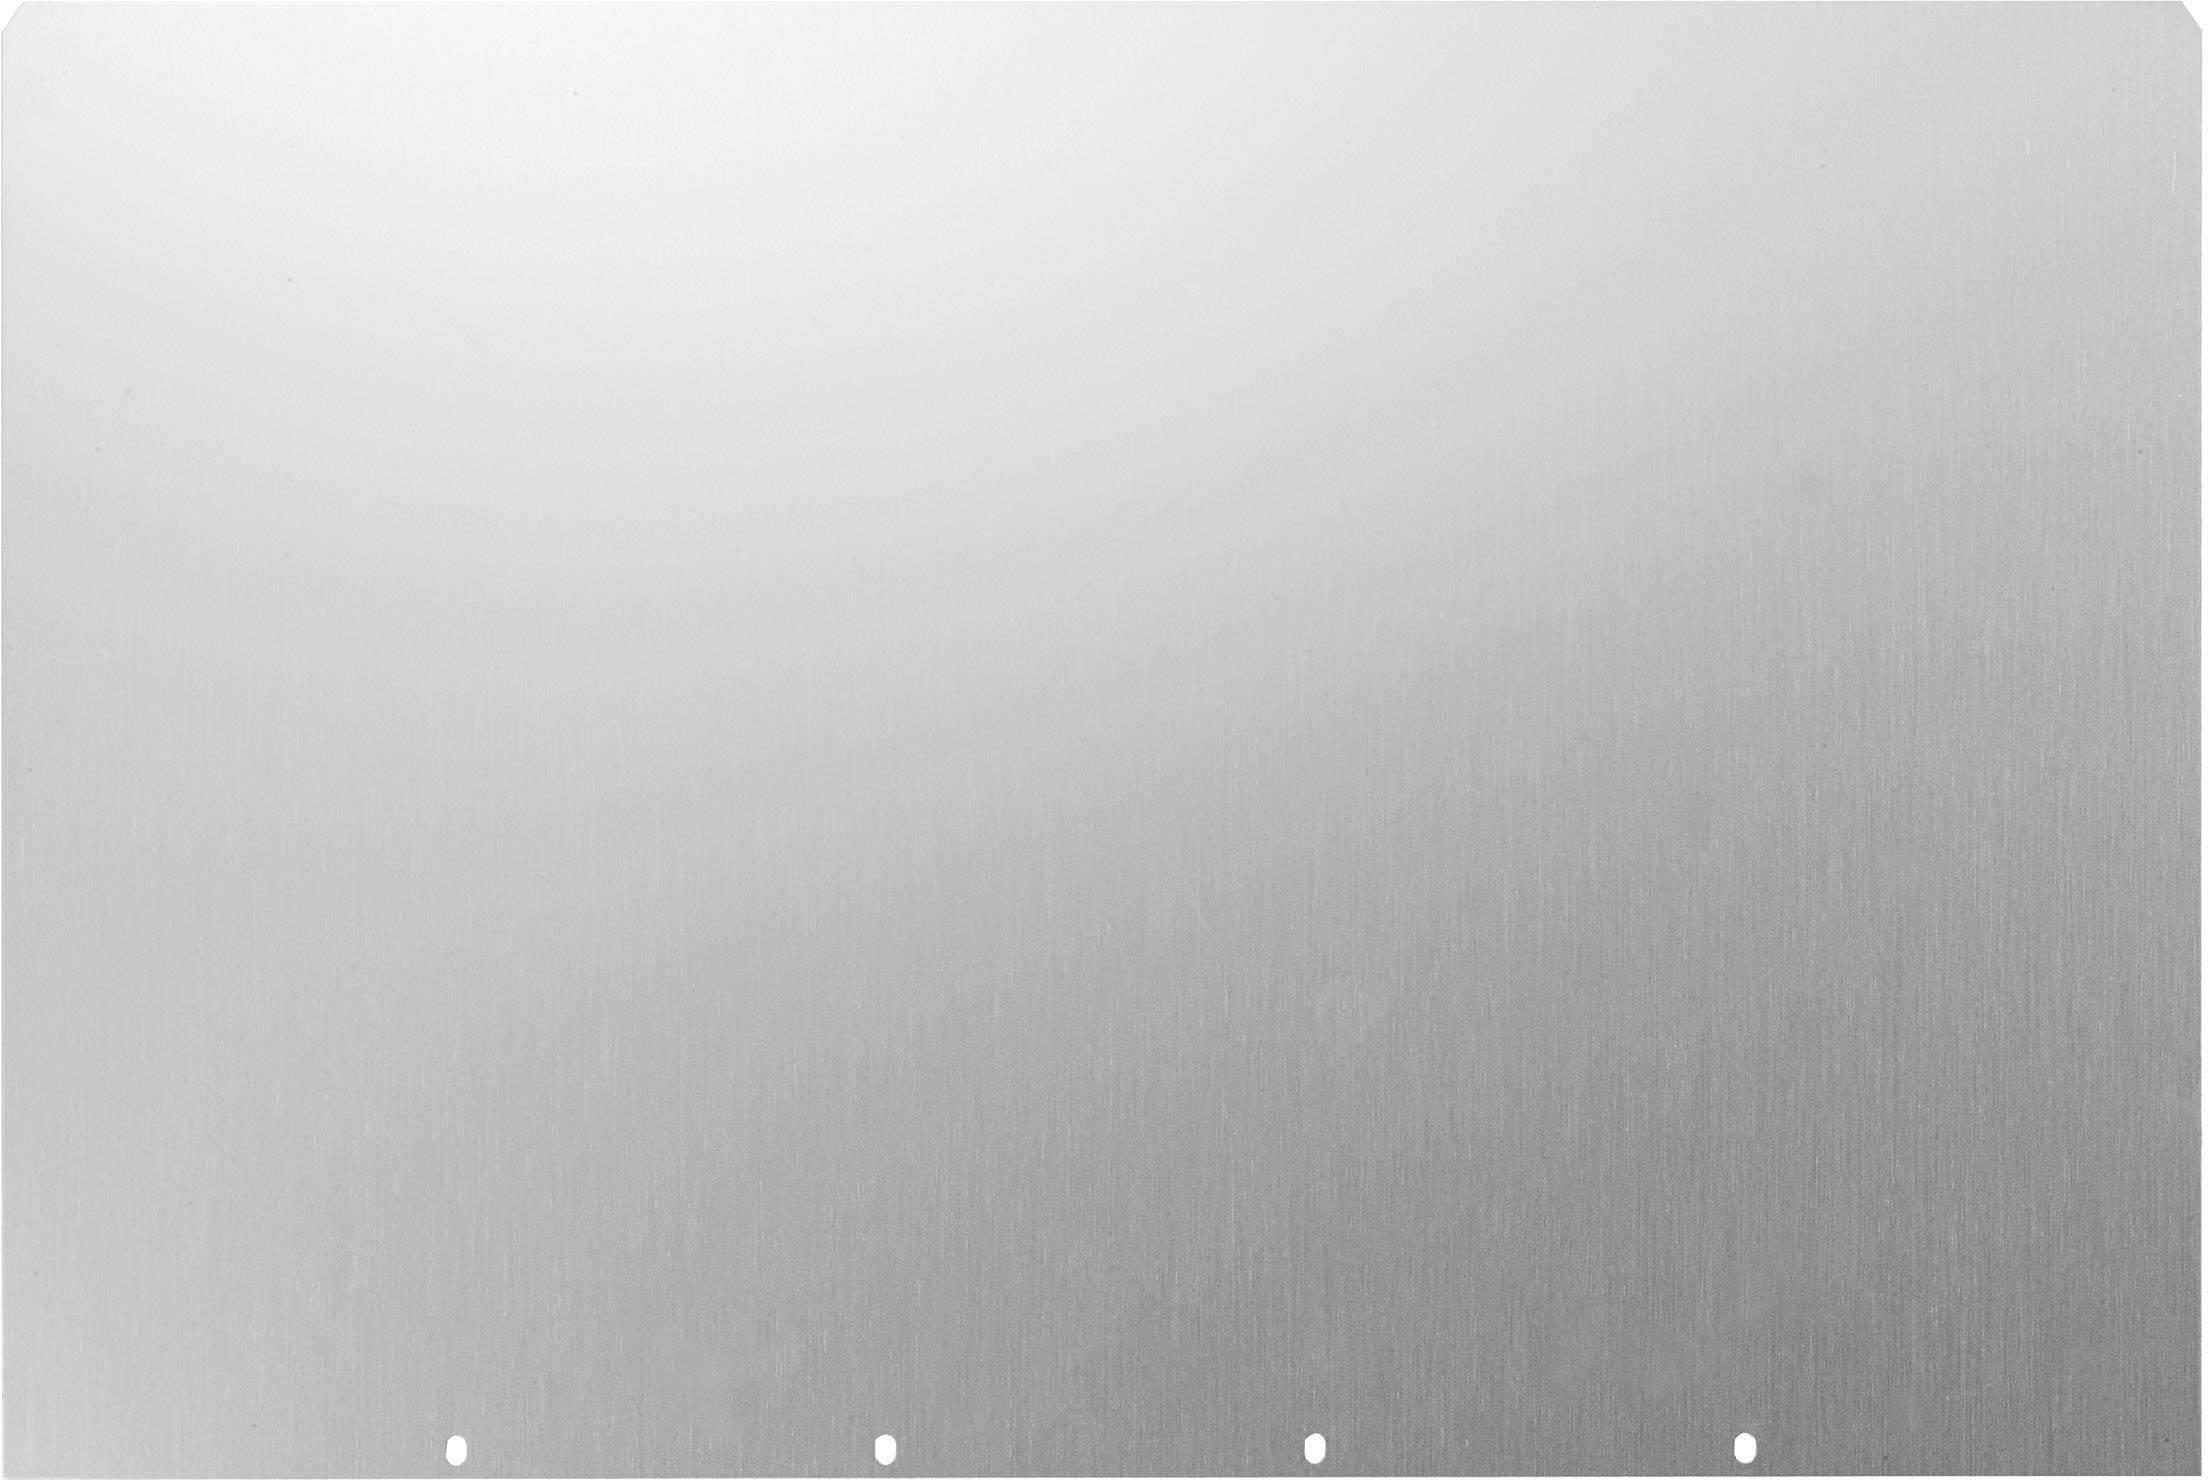 Krycí plech Schroff;multipacPRO 30860-502, (š x v x h) 412 x 1 x 280 mm, 1 ks